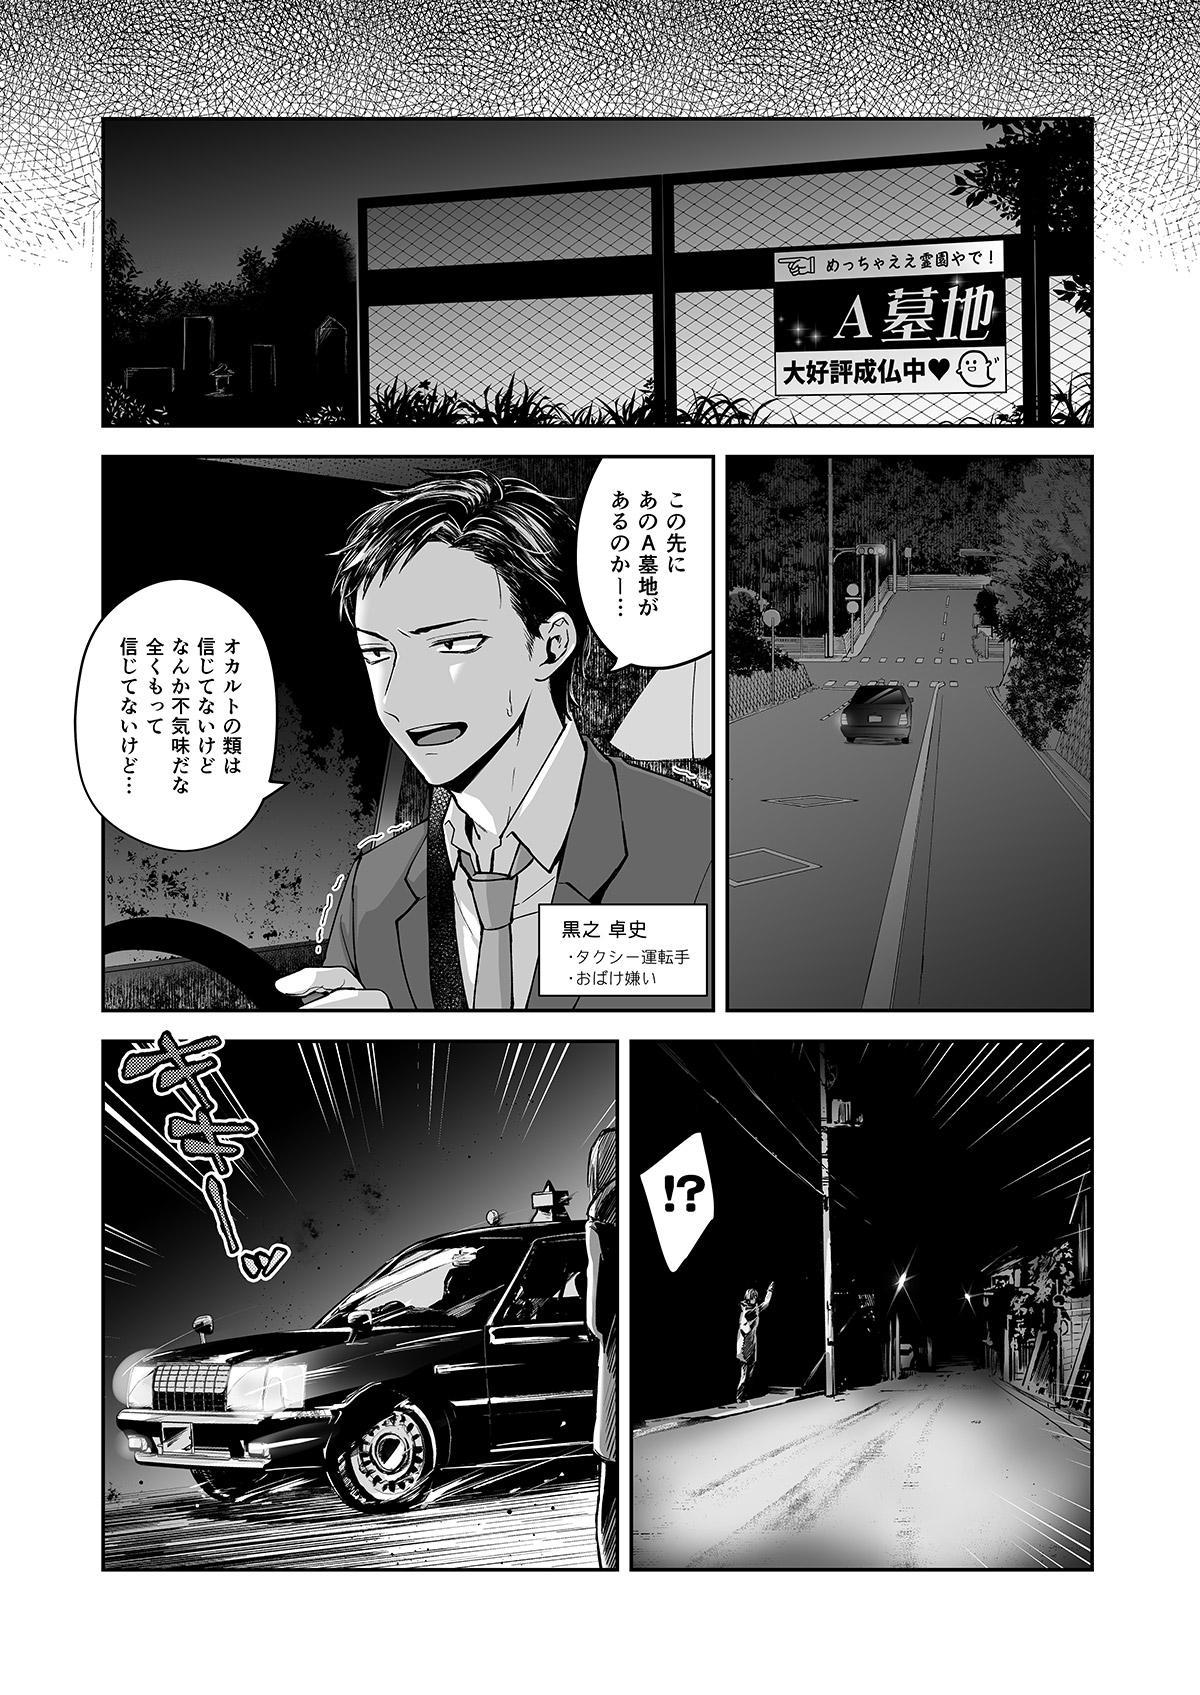 オナ兄さん・夜のおさんぽ露出 22